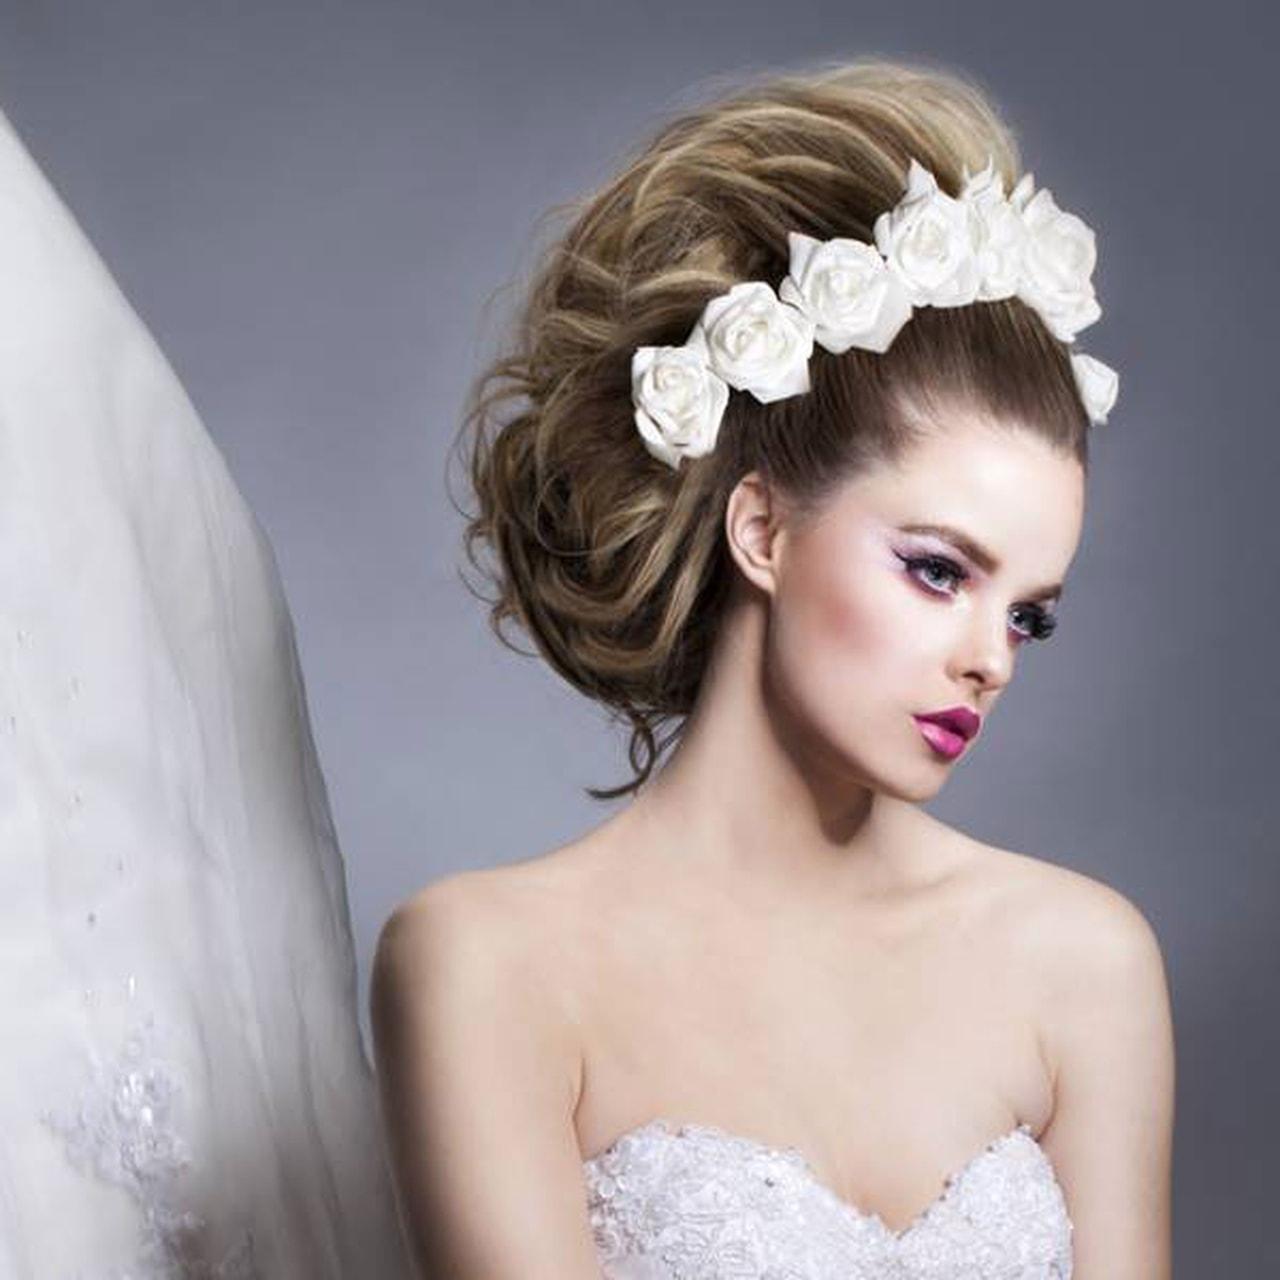 بالصور احلى تسريحه عروس , تسريحه شعر العروسه 2846 13